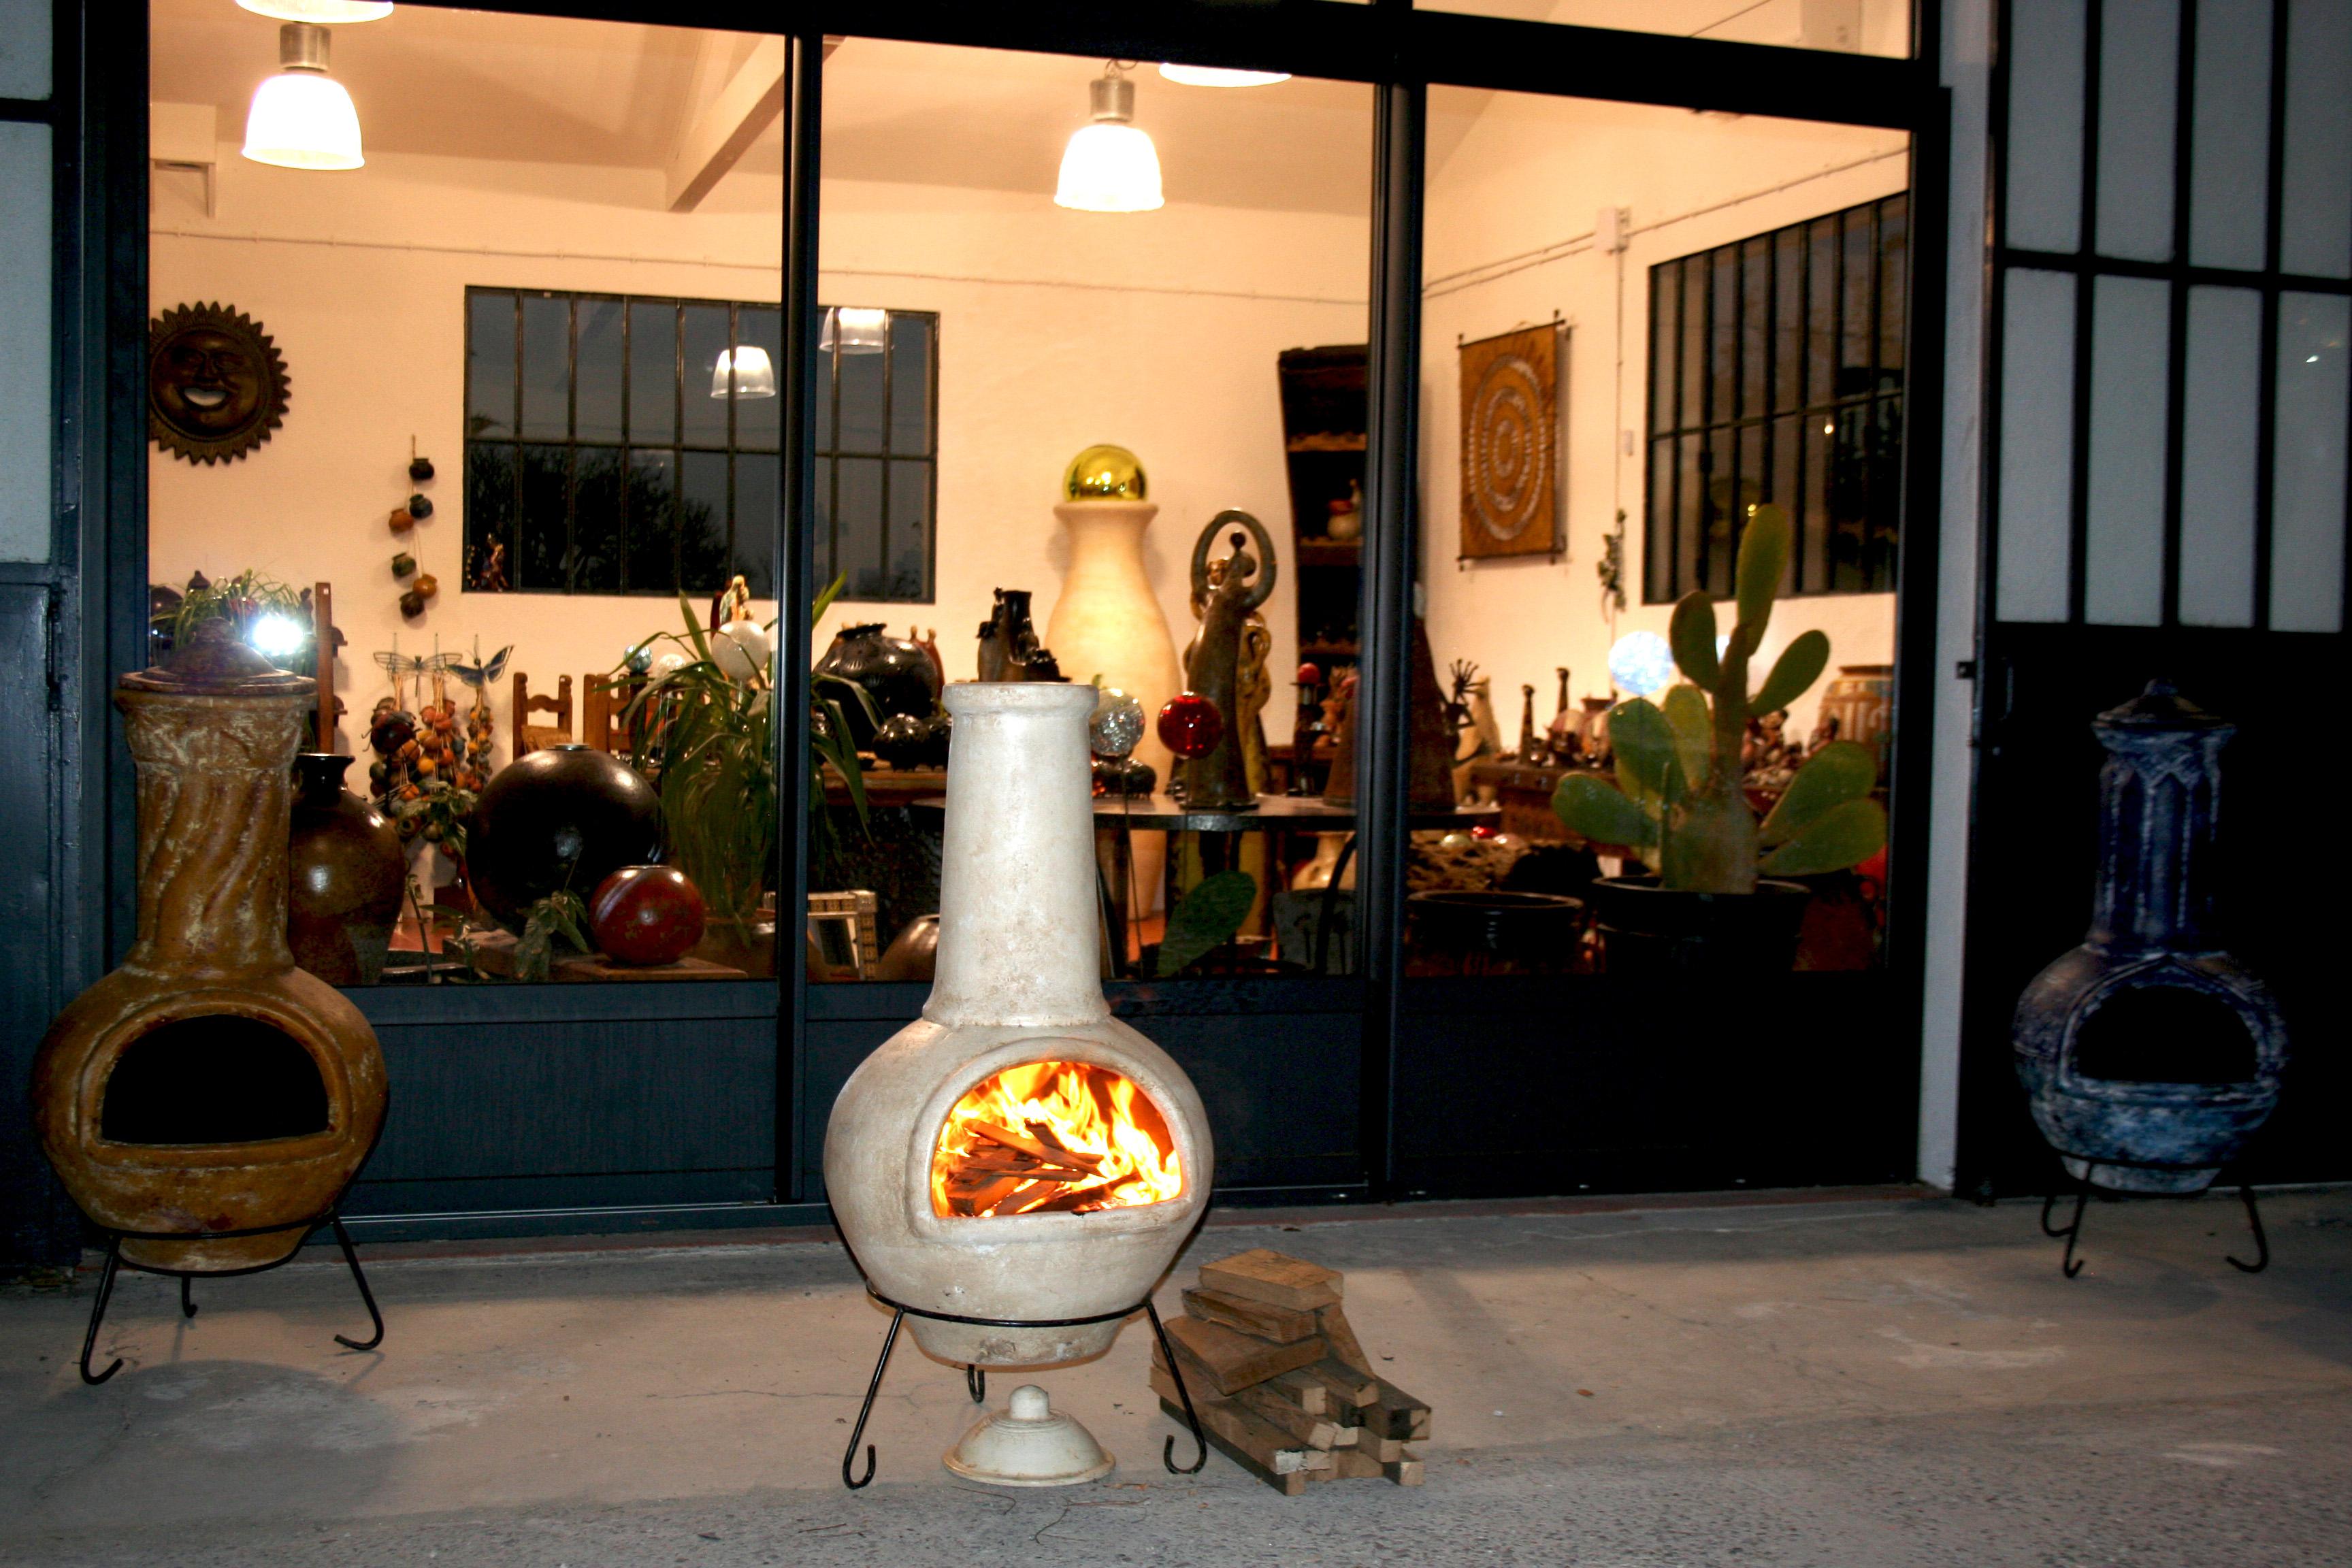 le brasero mexicain pour un jardin convivial et gourmand relations publiques pro. Black Bedroom Furniture Sets. Home Design Ideas